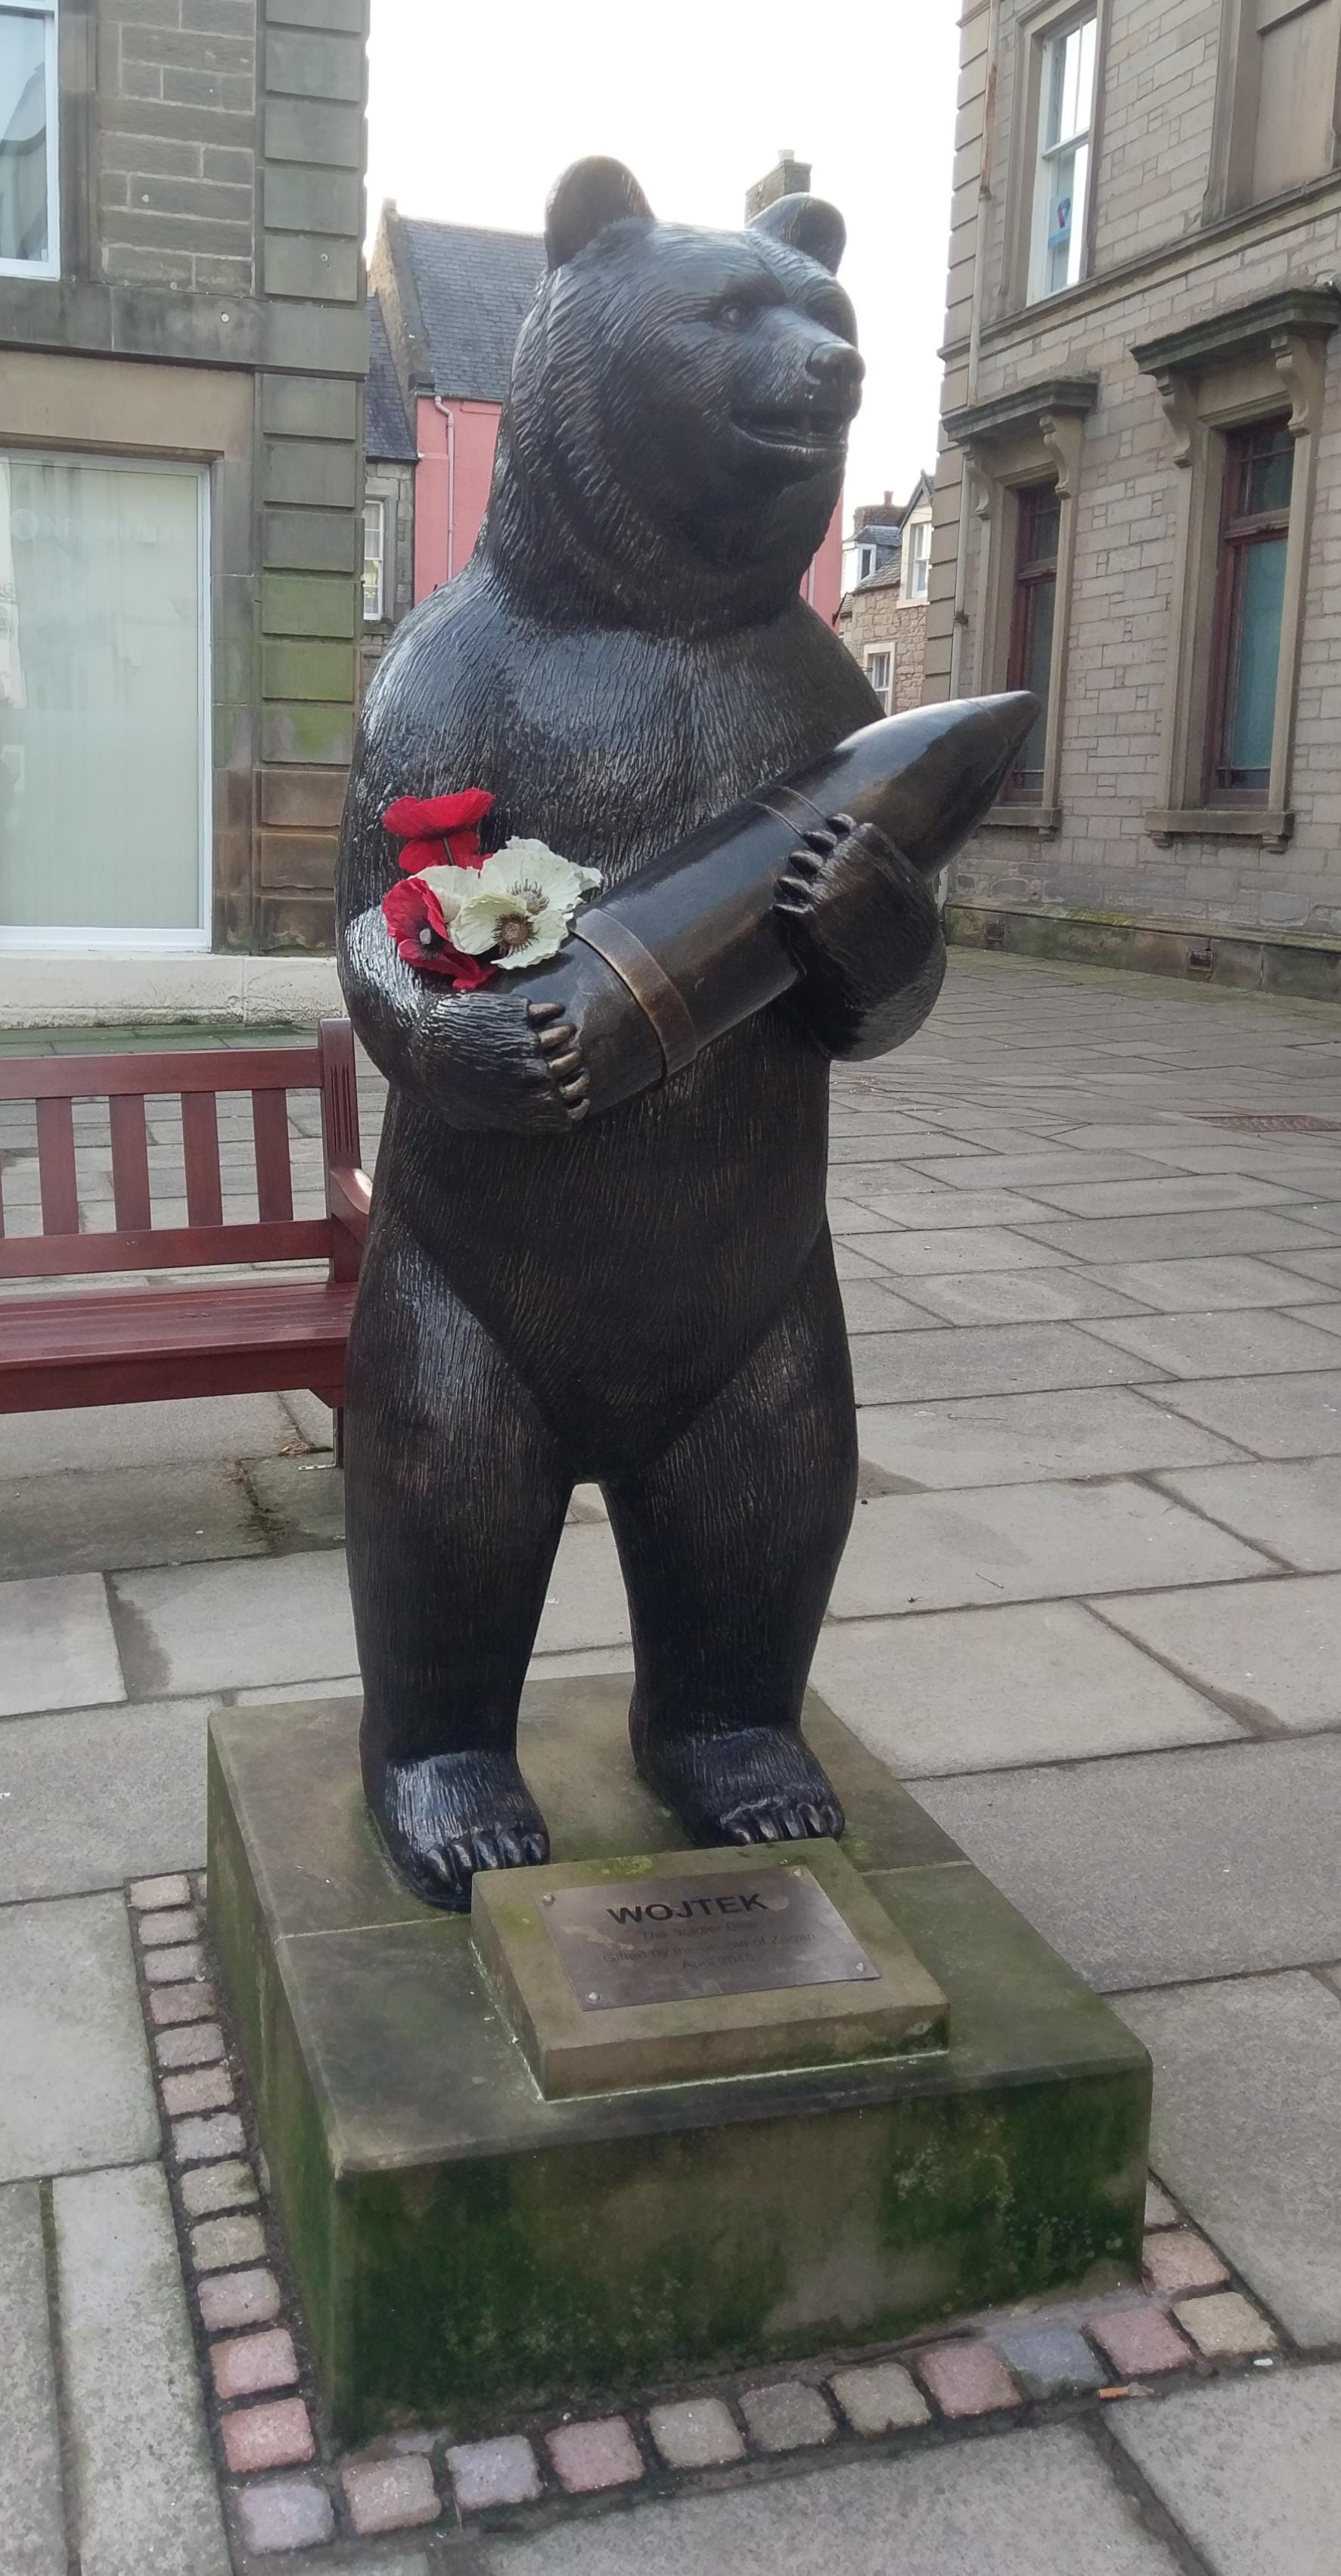 Statue of Wojtek the bear, in Duns, Scottish Borders